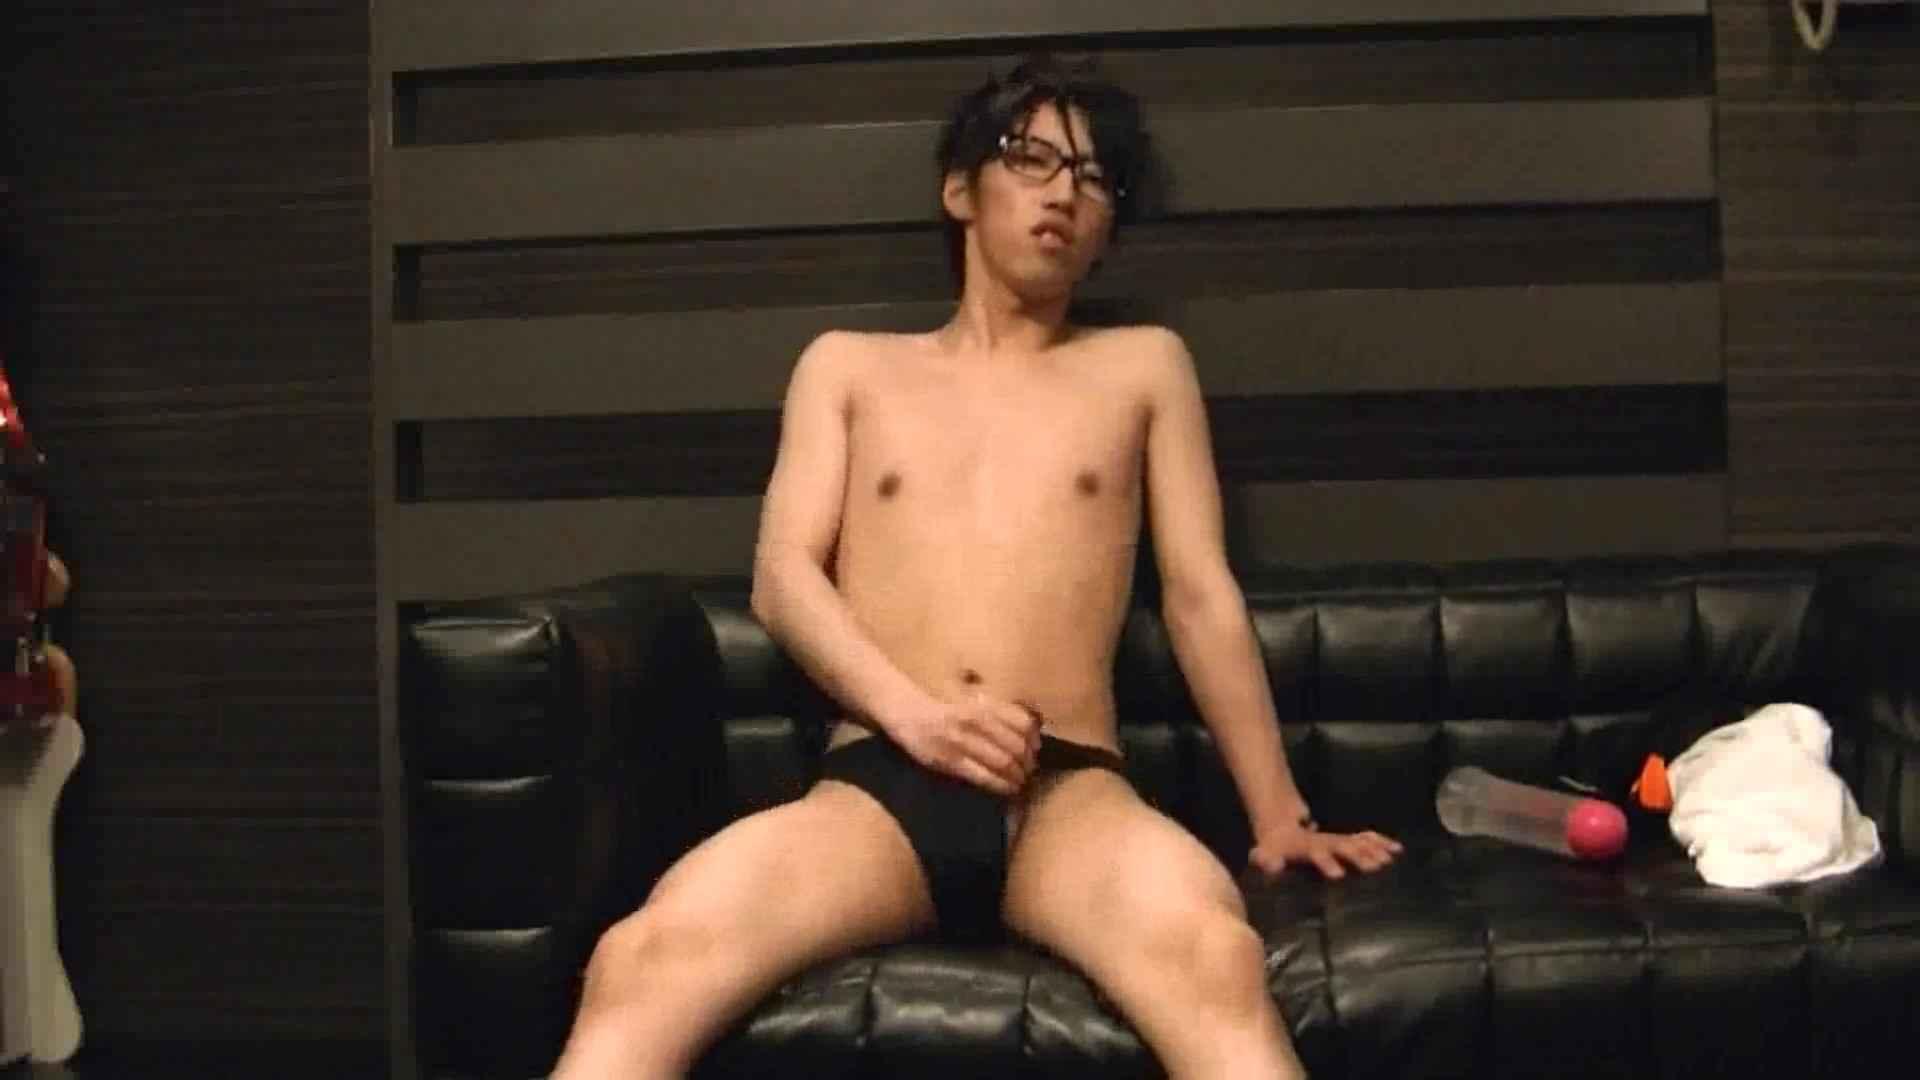 ONA見せカーニバル!! Vol3 男・男   モザイク無し ゲイ無料無修正画像 72pic 40